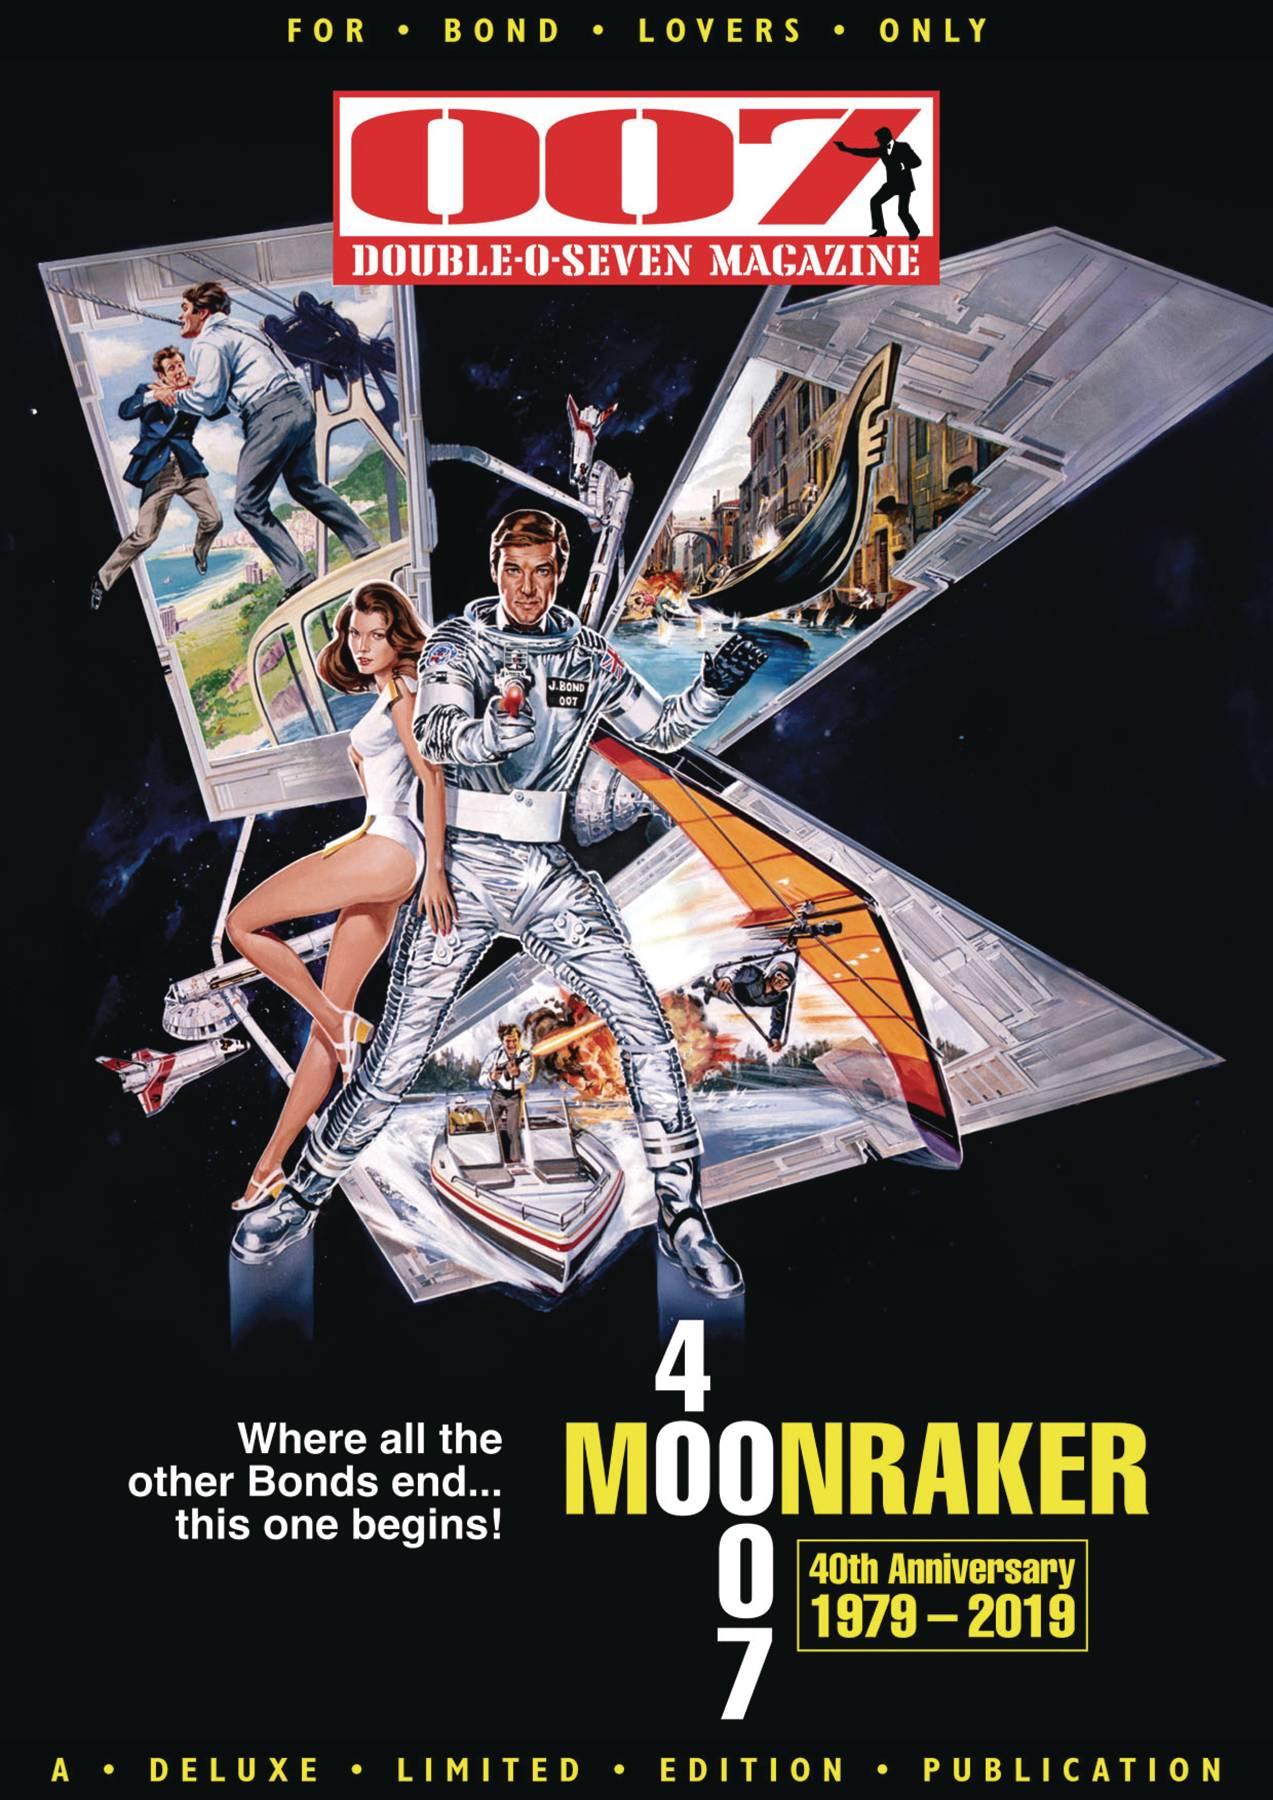 007 Magazine #59 Moonraker cover